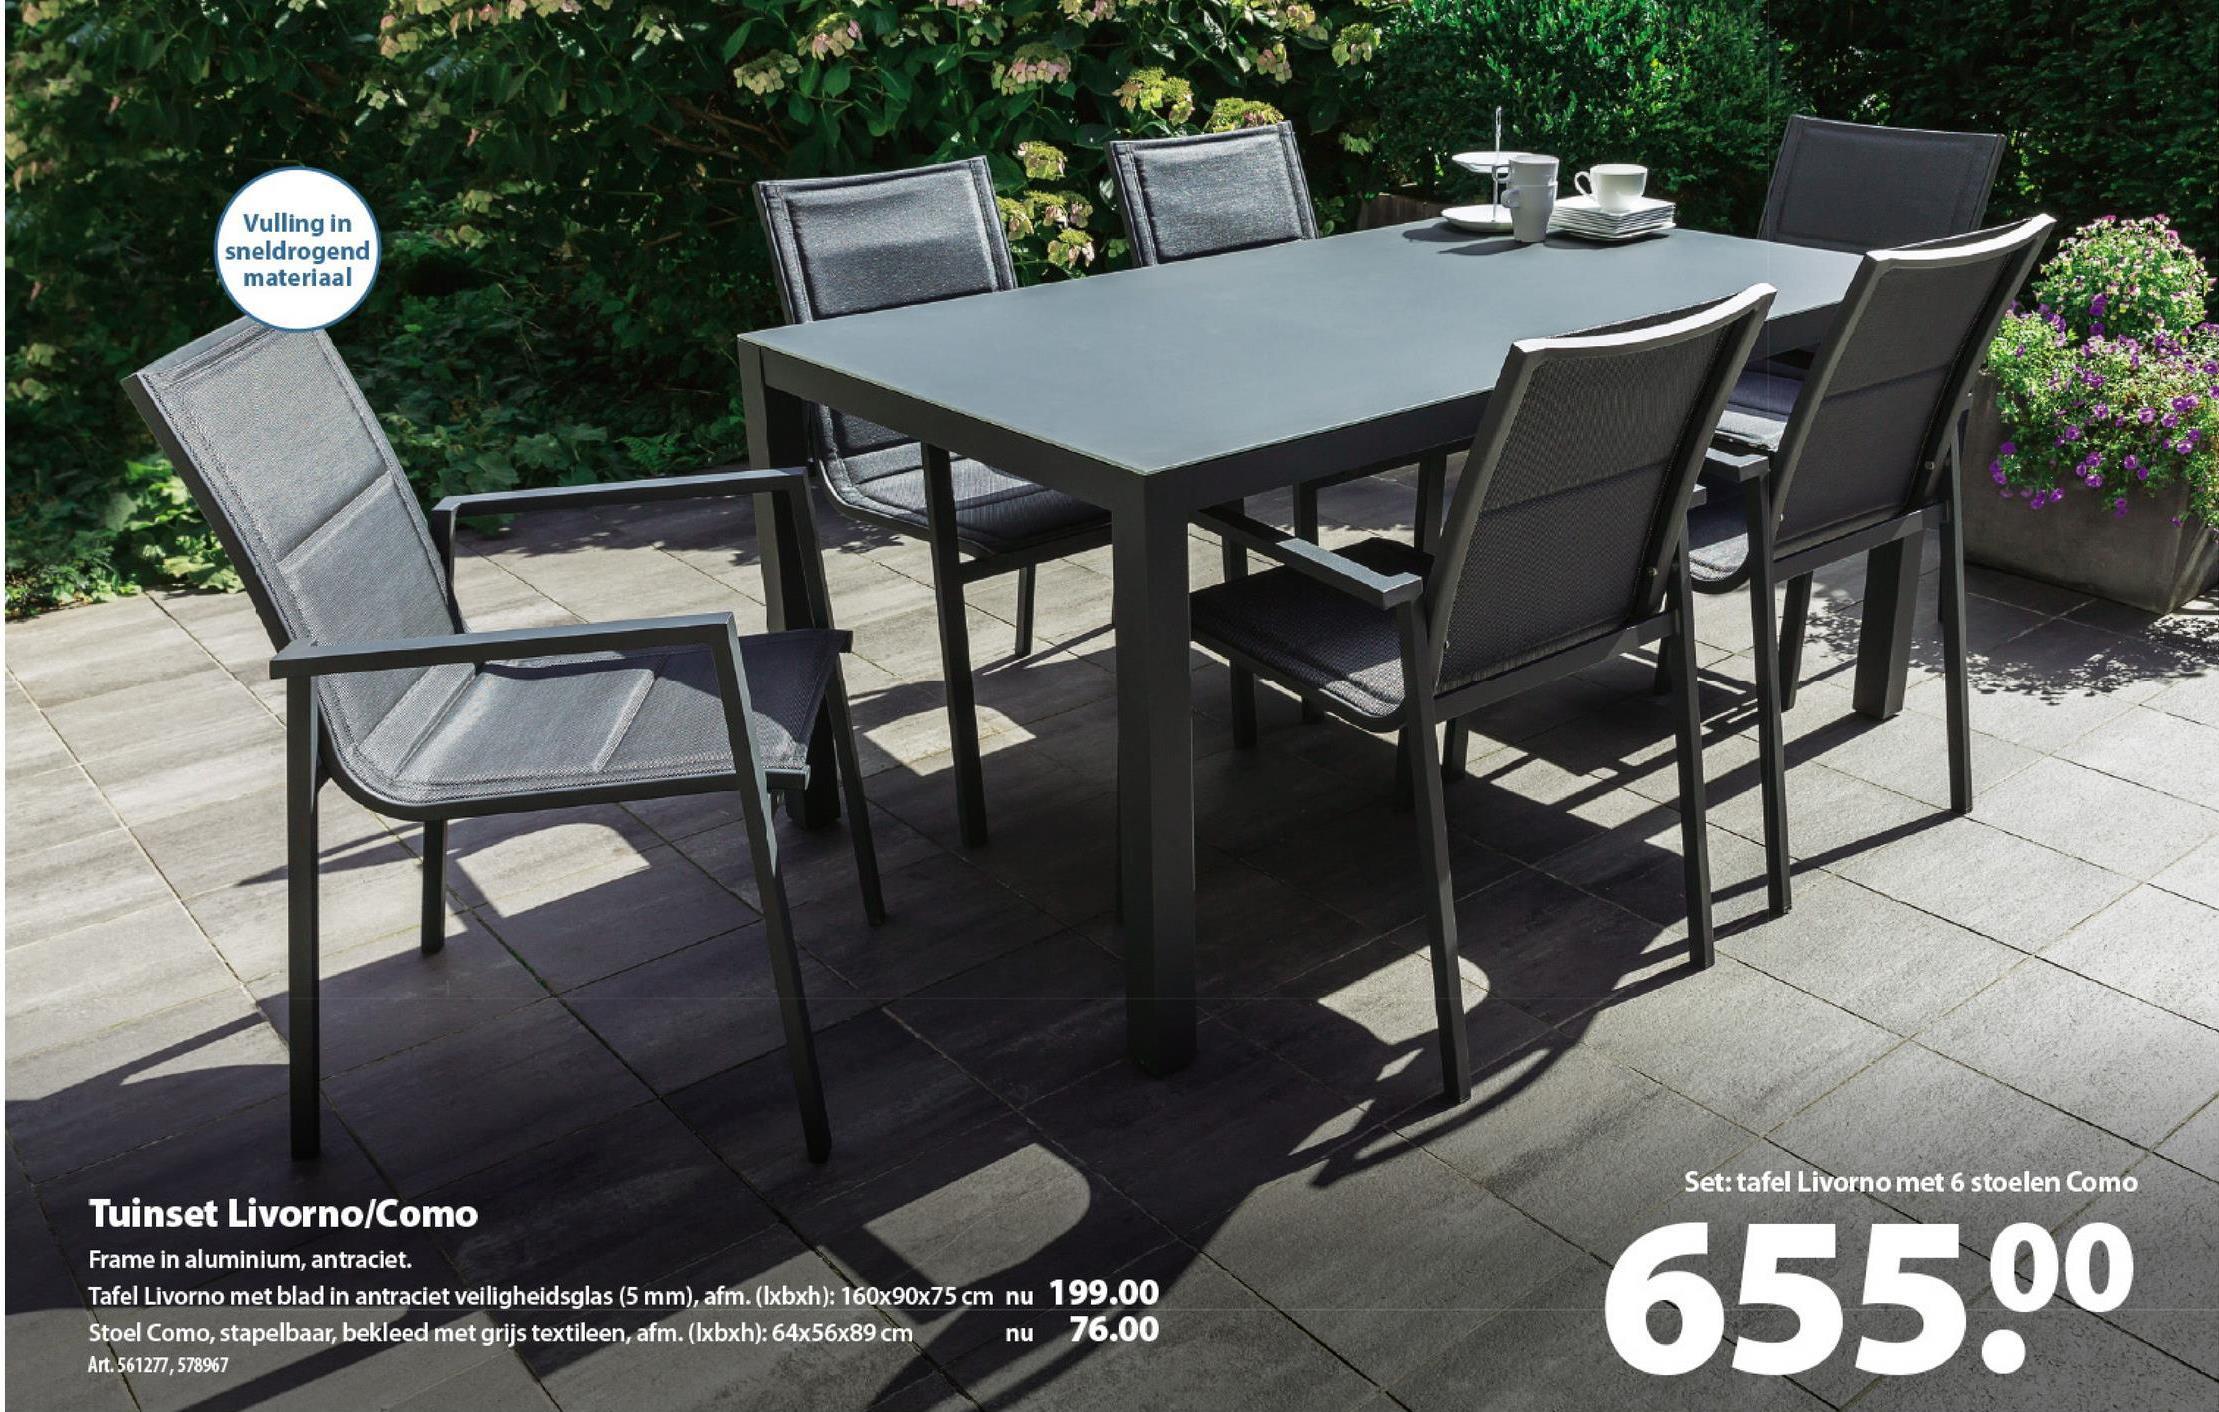 Tafel Livorno De tafel Livorno is een lichte maar stevige tuintafel, gemaakt uit aluminium in de kleur antracietgrijs en afgewerkt met een elegant tafelblad uit veiligheidsglas. Aan de luxueuze tafel kunnen makkelijk 4 tot 6 gasten aanschuiven. Combineer de tafel met de gelijknamige stoel Livorno of de standenstoel Como voor extra comfort.